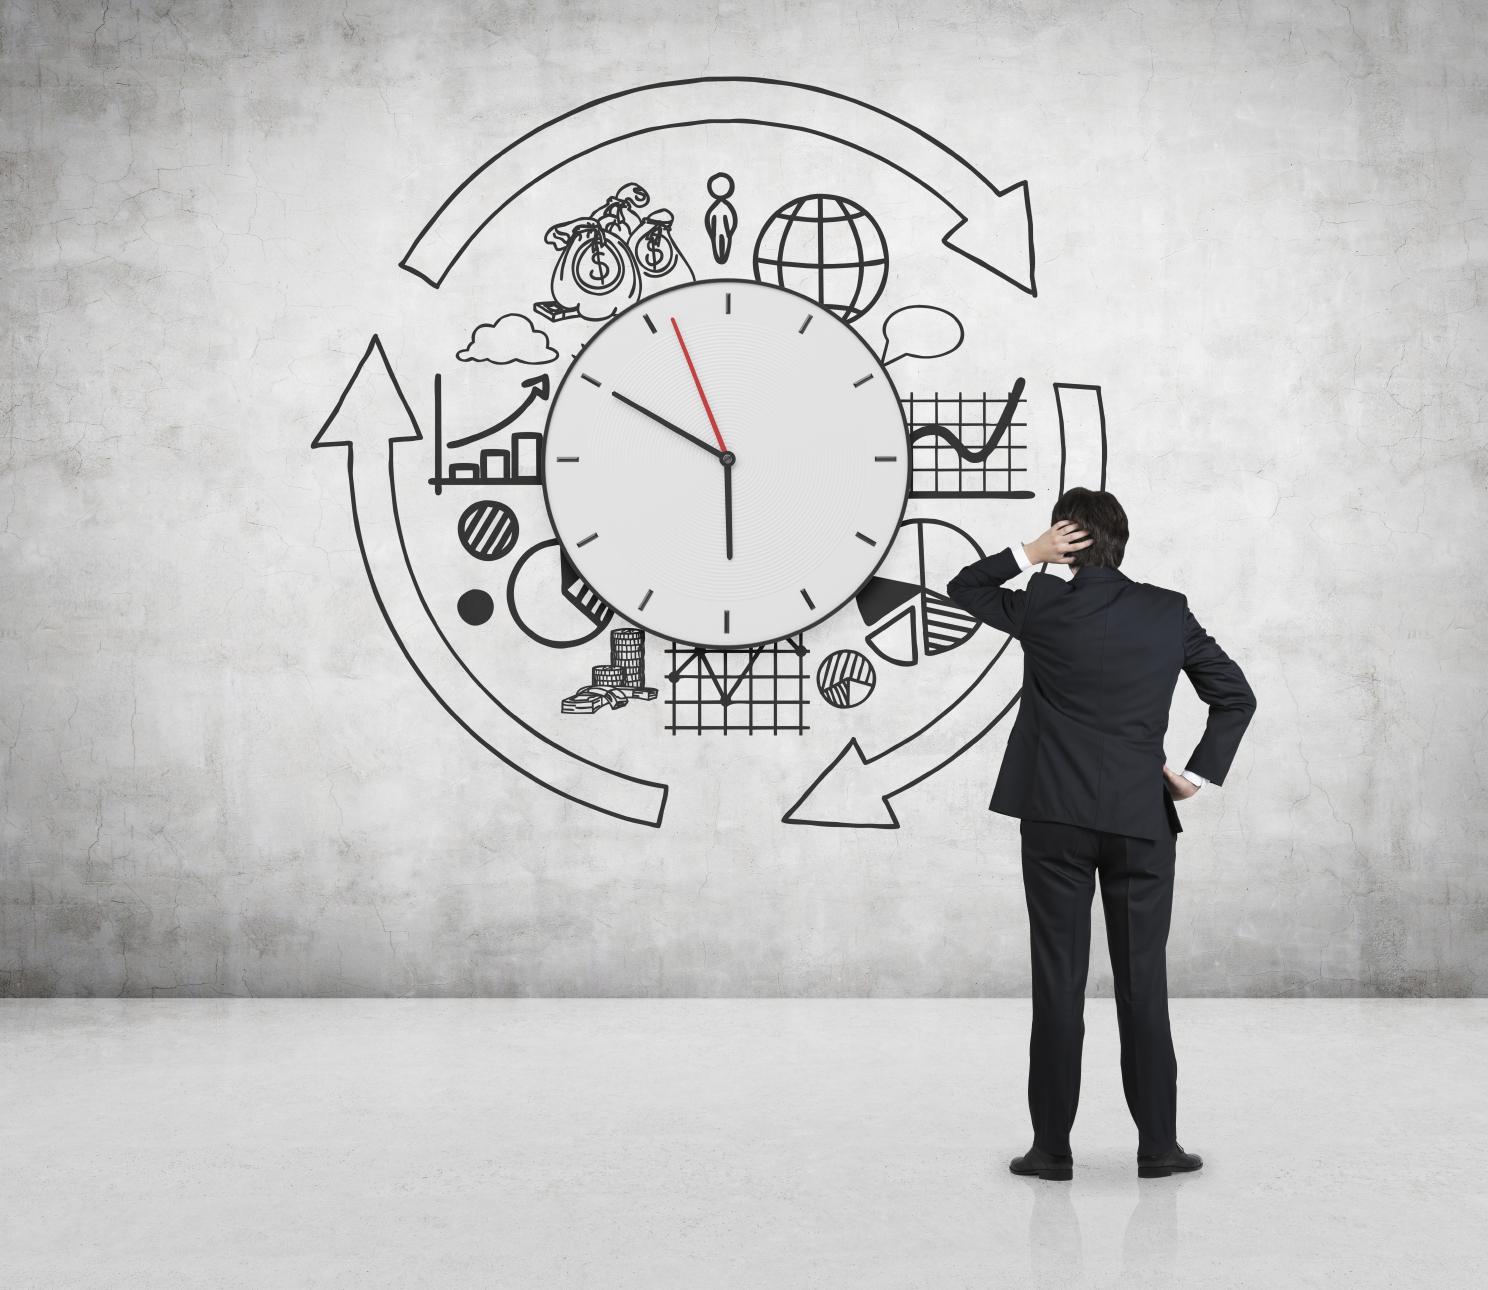 secret-of-time-management.jpg